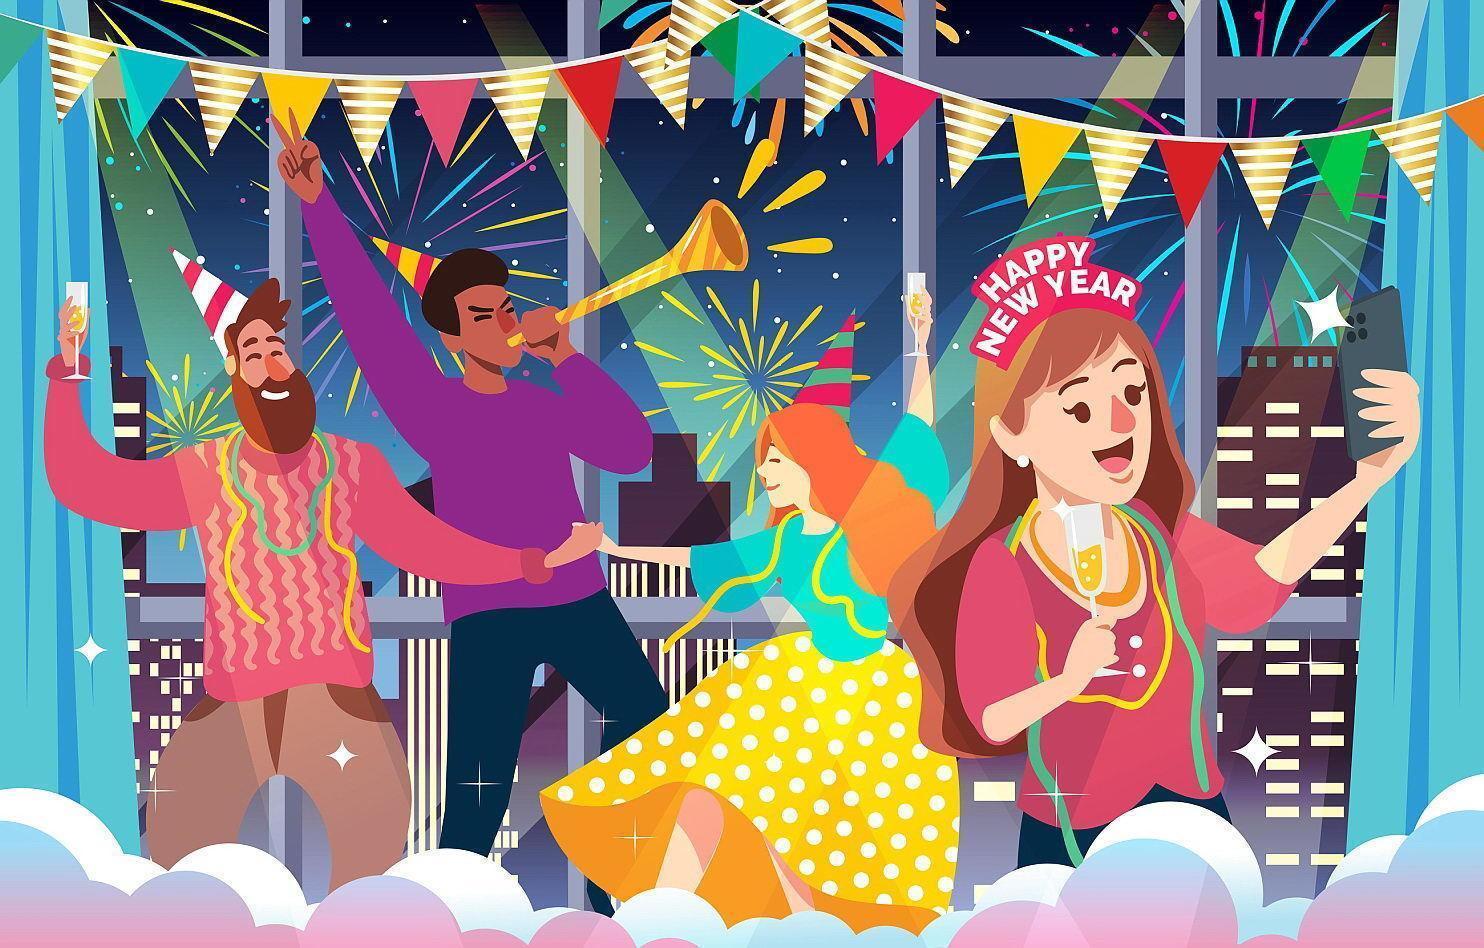 människor firar nyår inomhus fest illustration vektor